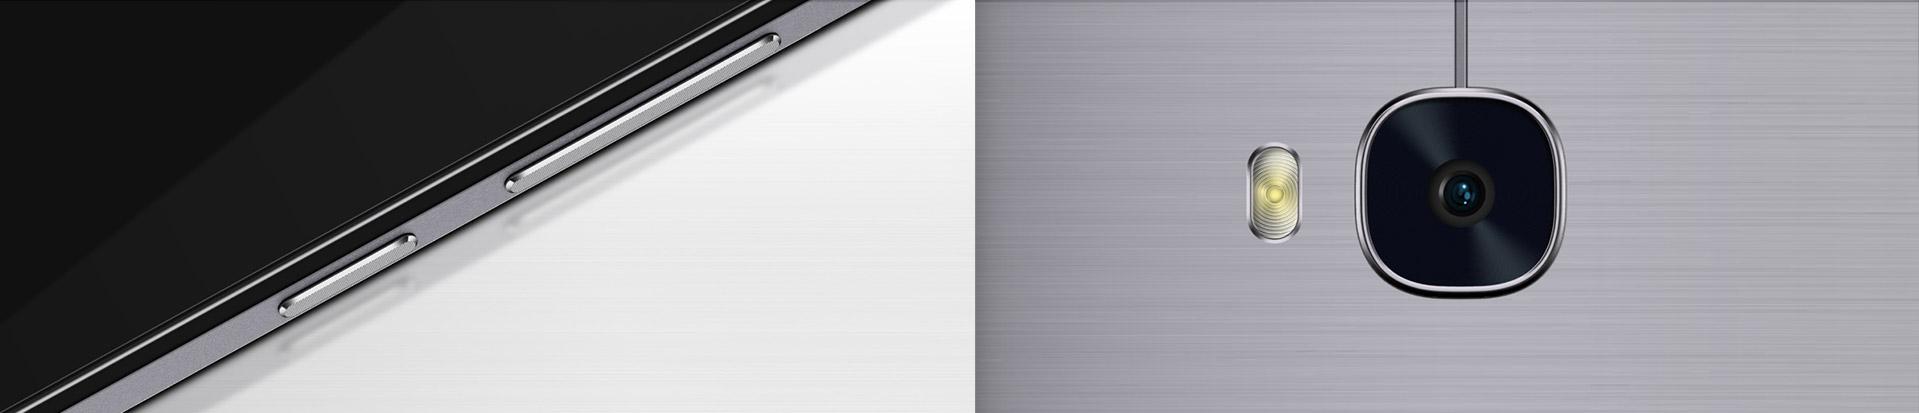 Kvalitní fotoaparát je základem dobrého dotykového mobilu, Huawei Honor 5X není žádnou vyjímkou.